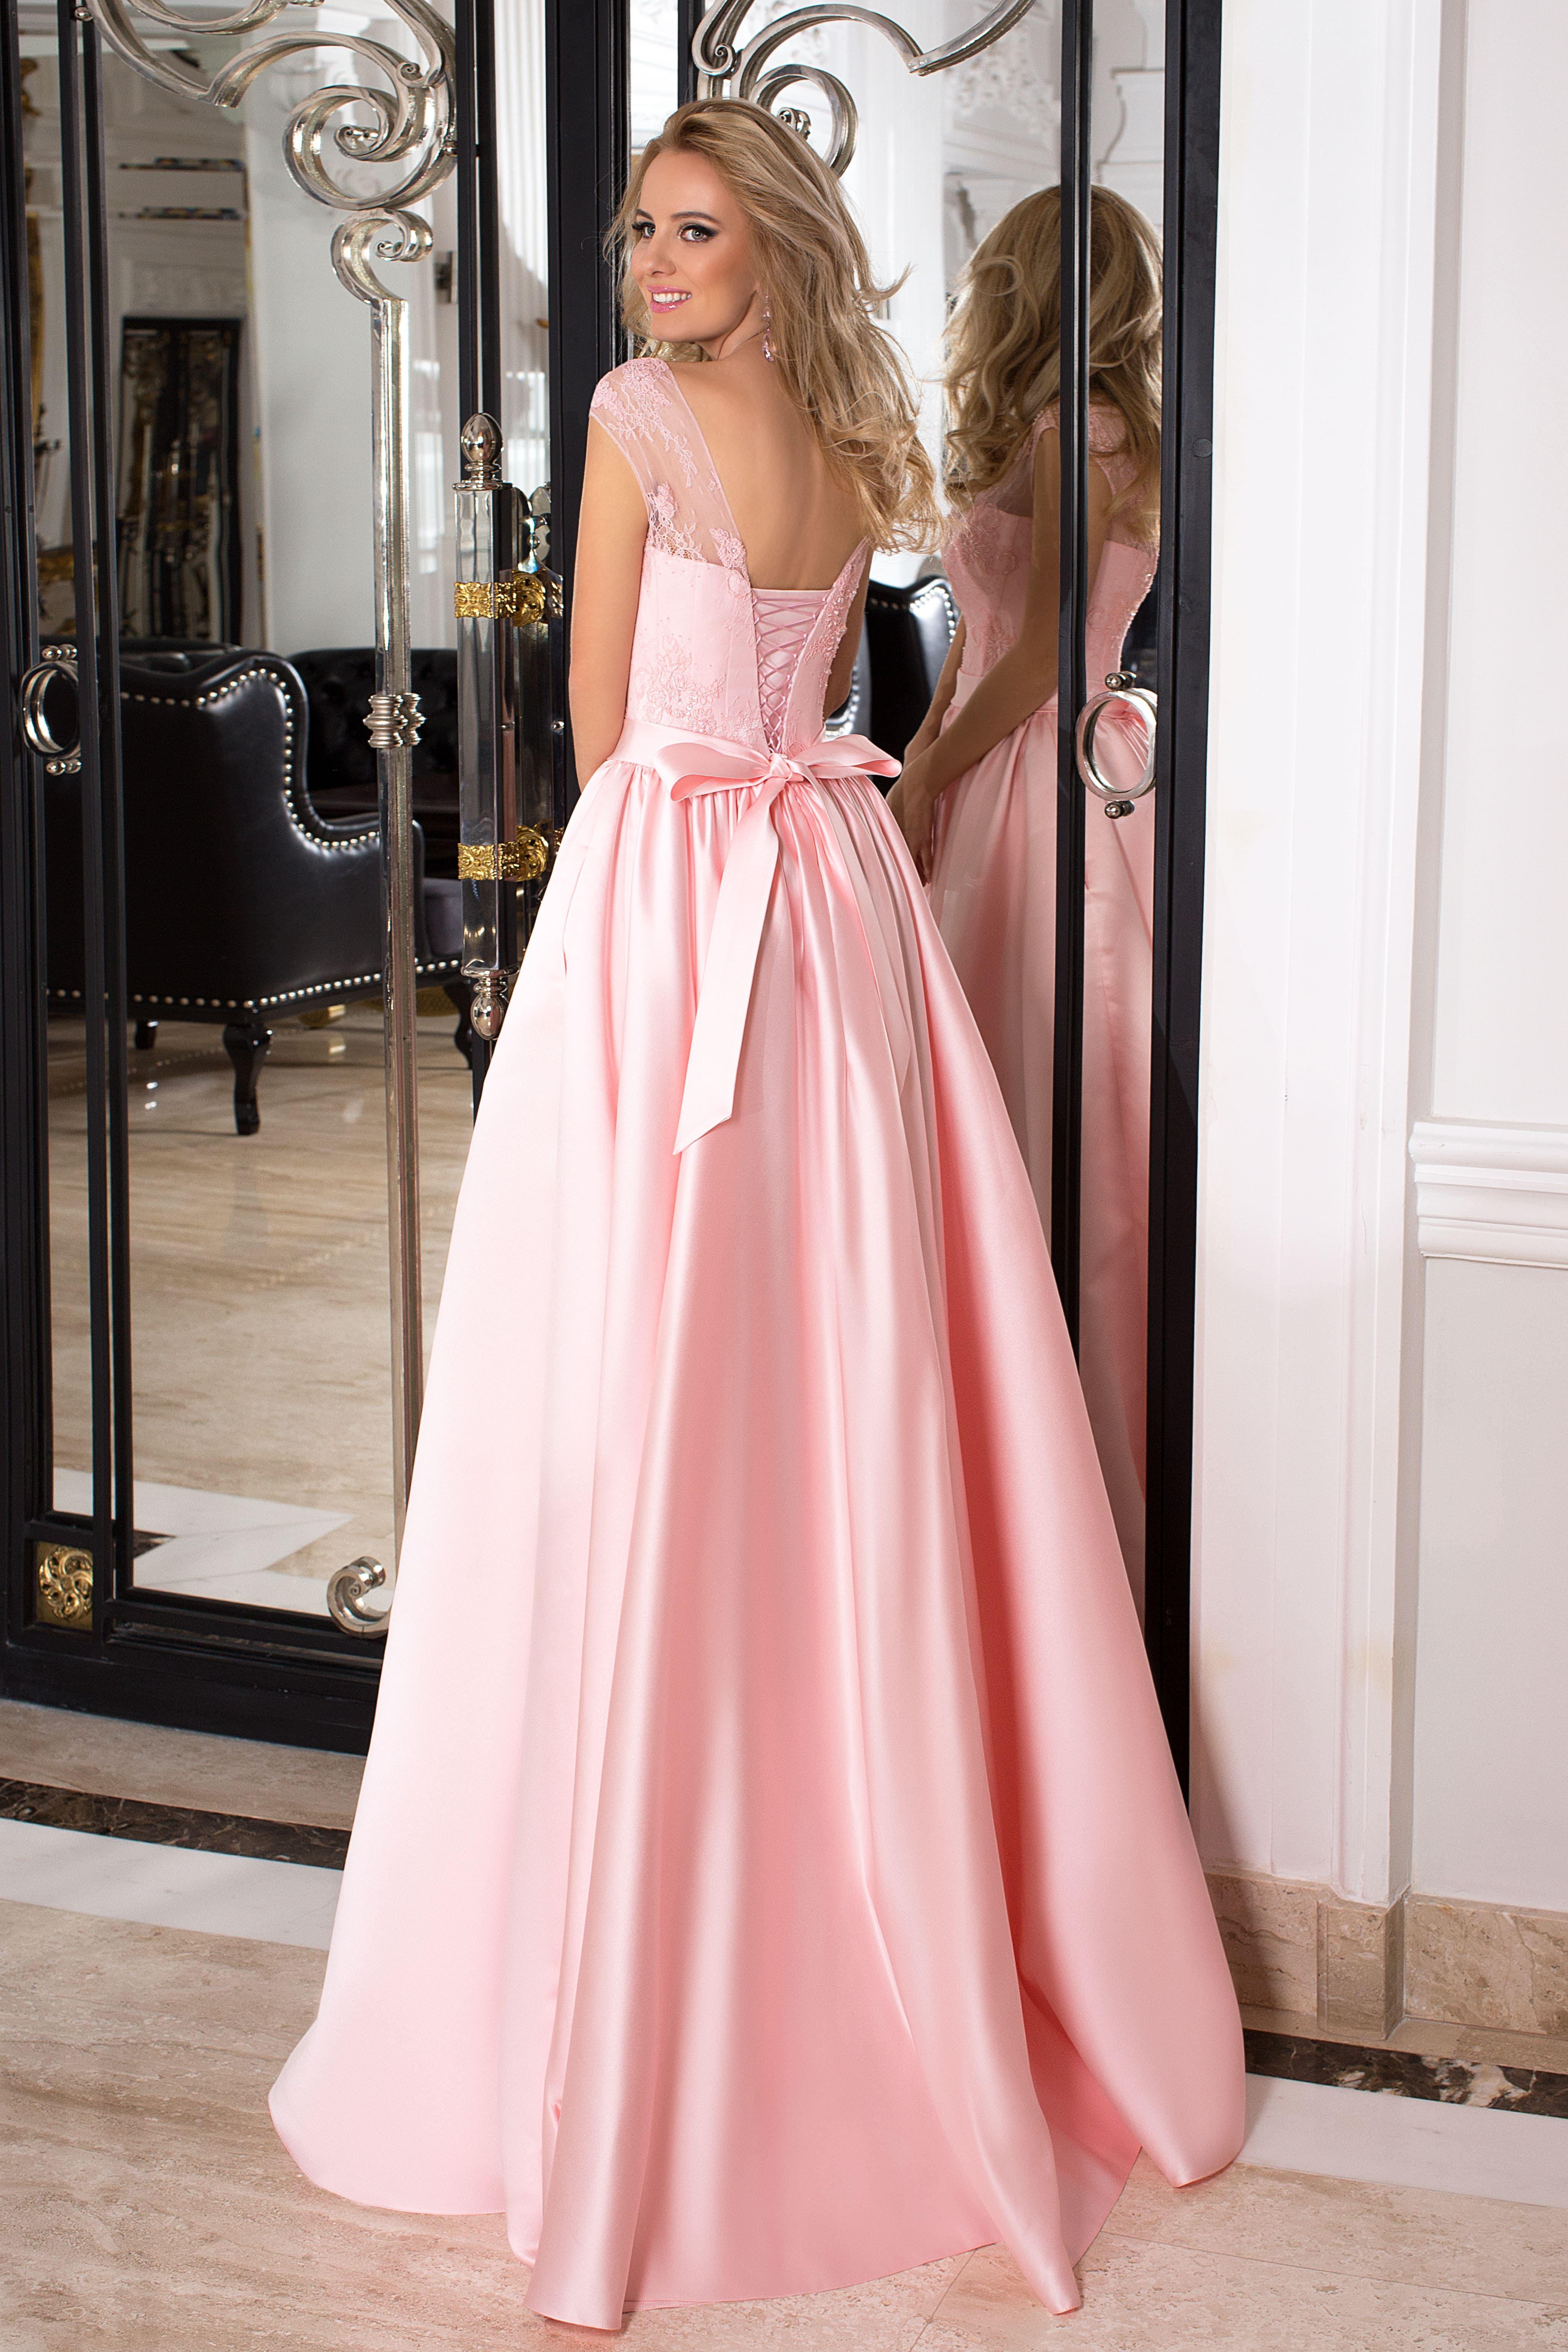 Découvrez notre modèle Mircella, une robe de cocktail rose poudré en satin  duchesse et dentelle sur bustier, de la collection Fashion Evening.